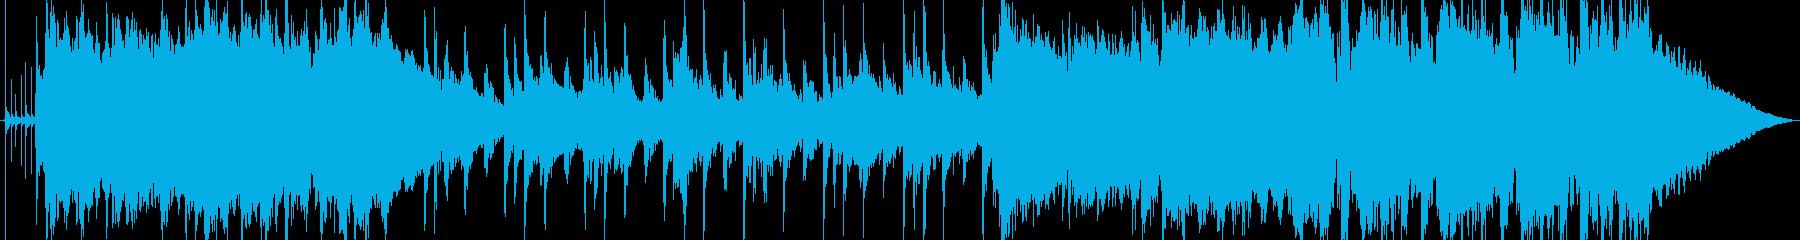 ブルース インディーズ ロック バ...の再生済みの波形